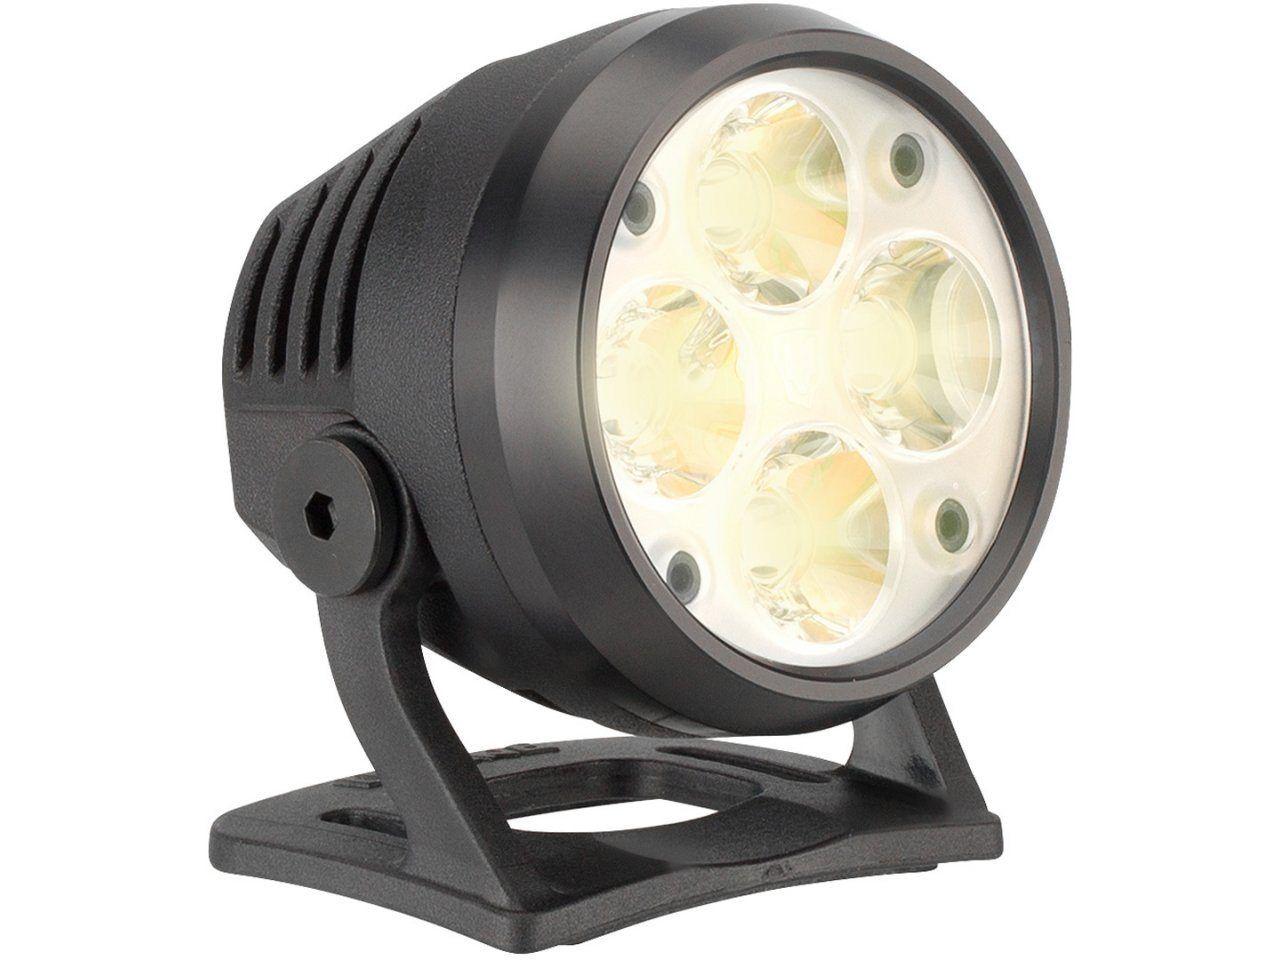 Lupine-Wilma-R-7-SC-LED-SmartCore-Helmet-Lamp-black-3200-lumens-46097-350478-1600439956.jpeg